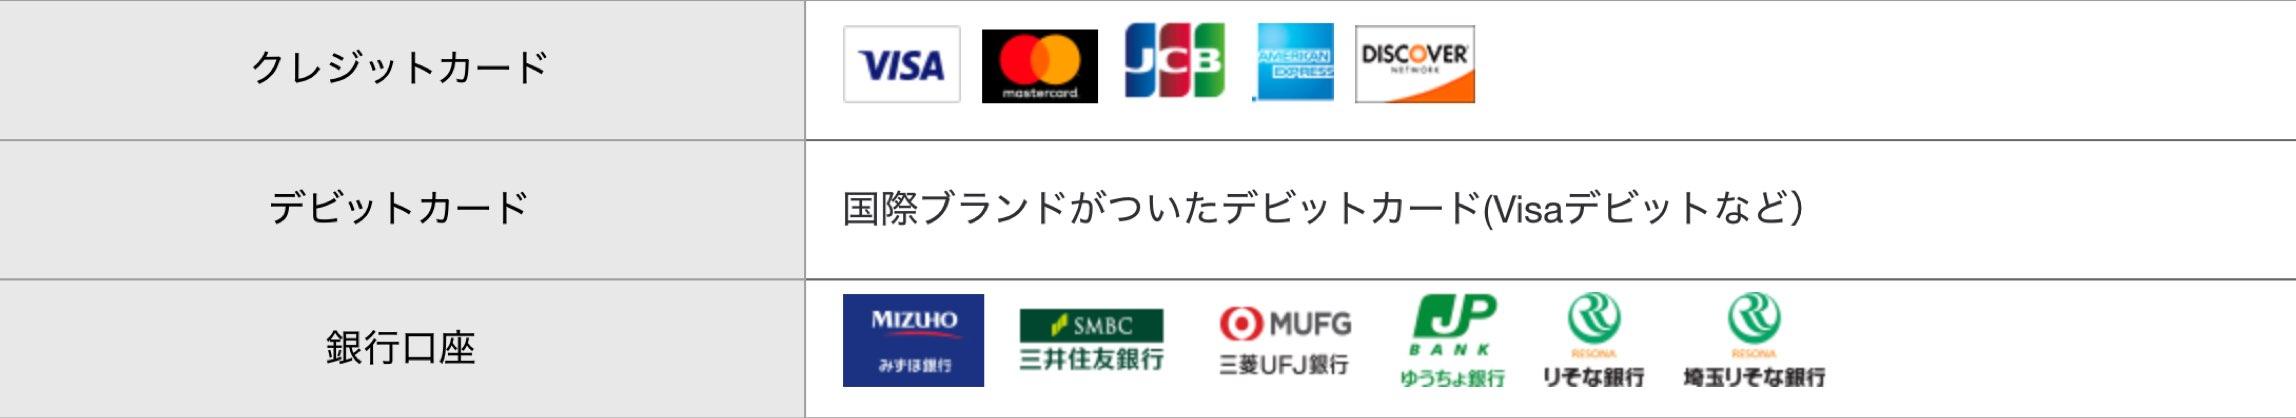 ペイパルの使い方(支払い・送金方法)|個人向け-PayPal(ペイパル)-1